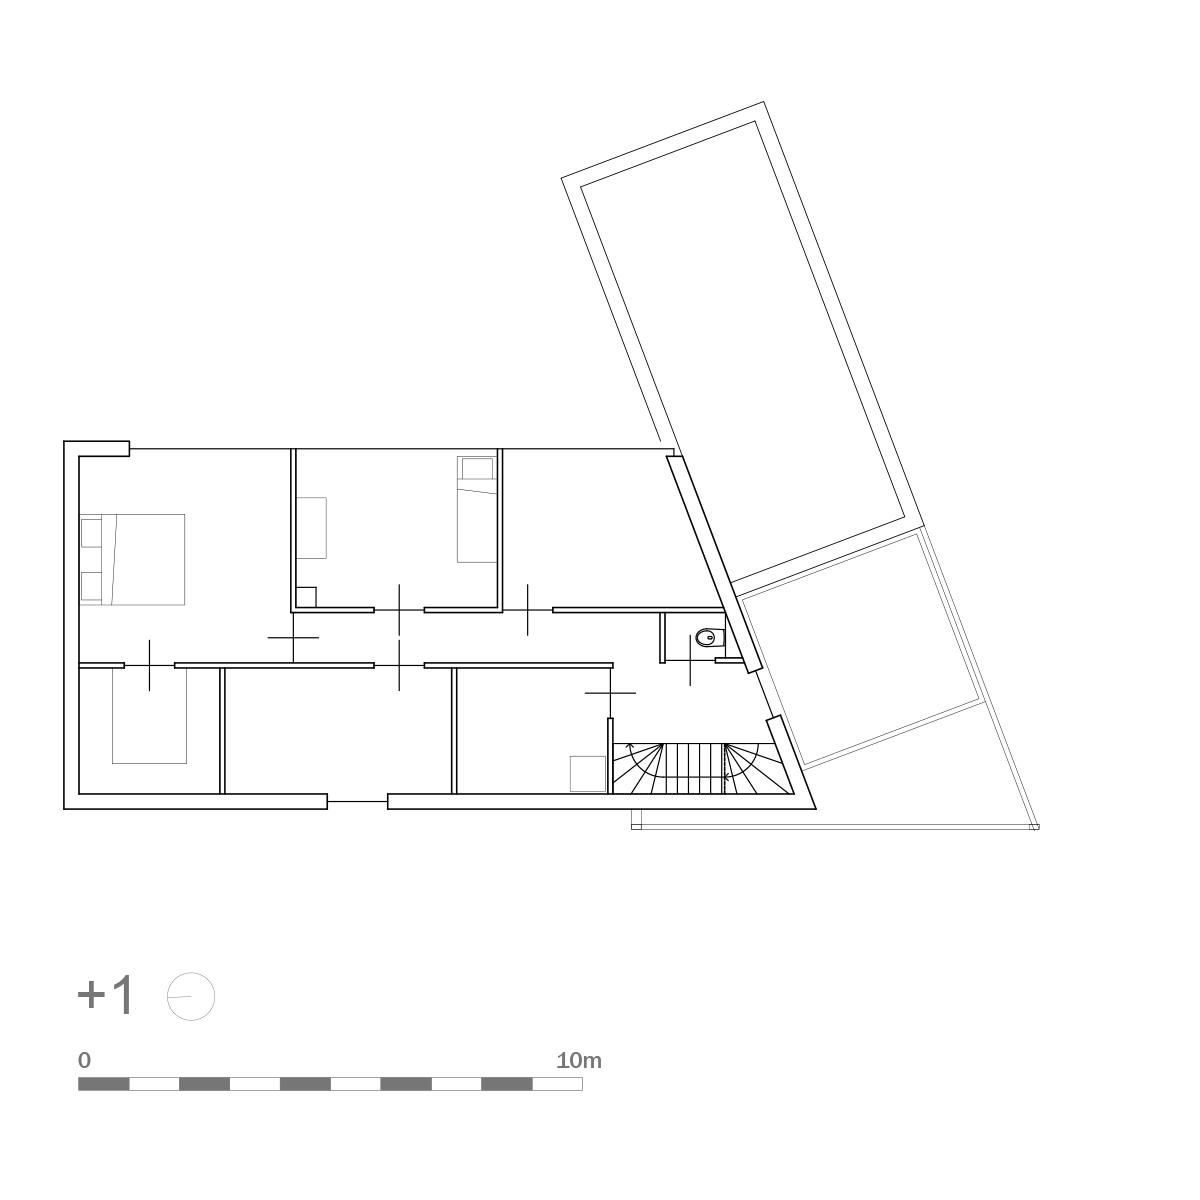 plattegrond verdieping hof van reimerswaal 1